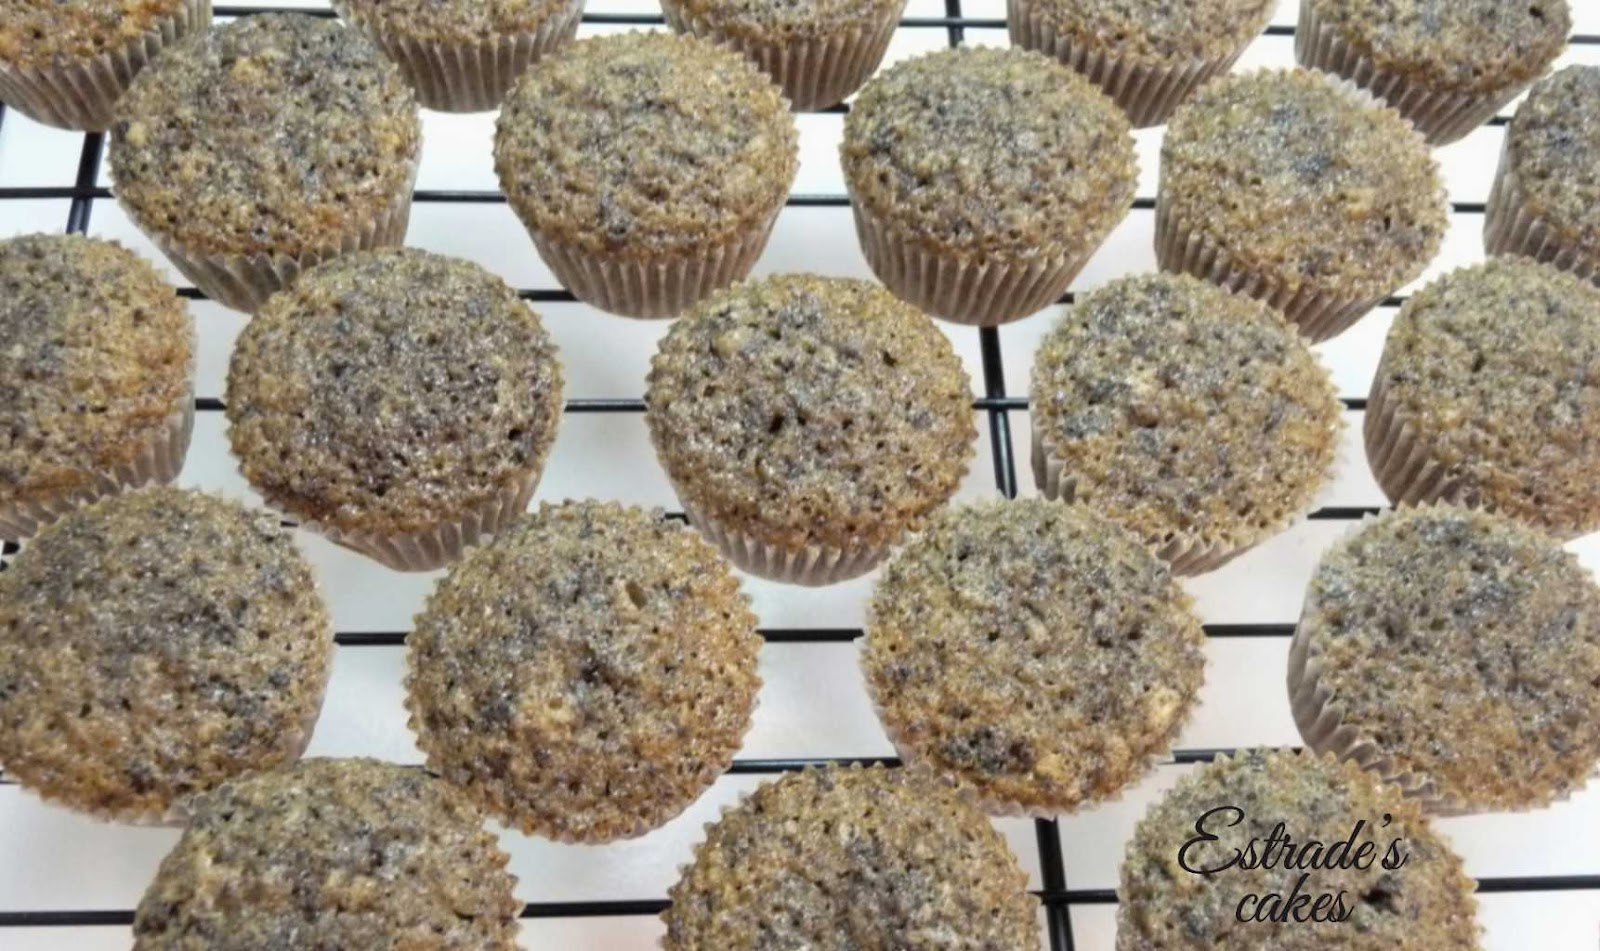 receta de cupcakes de oreo - 3